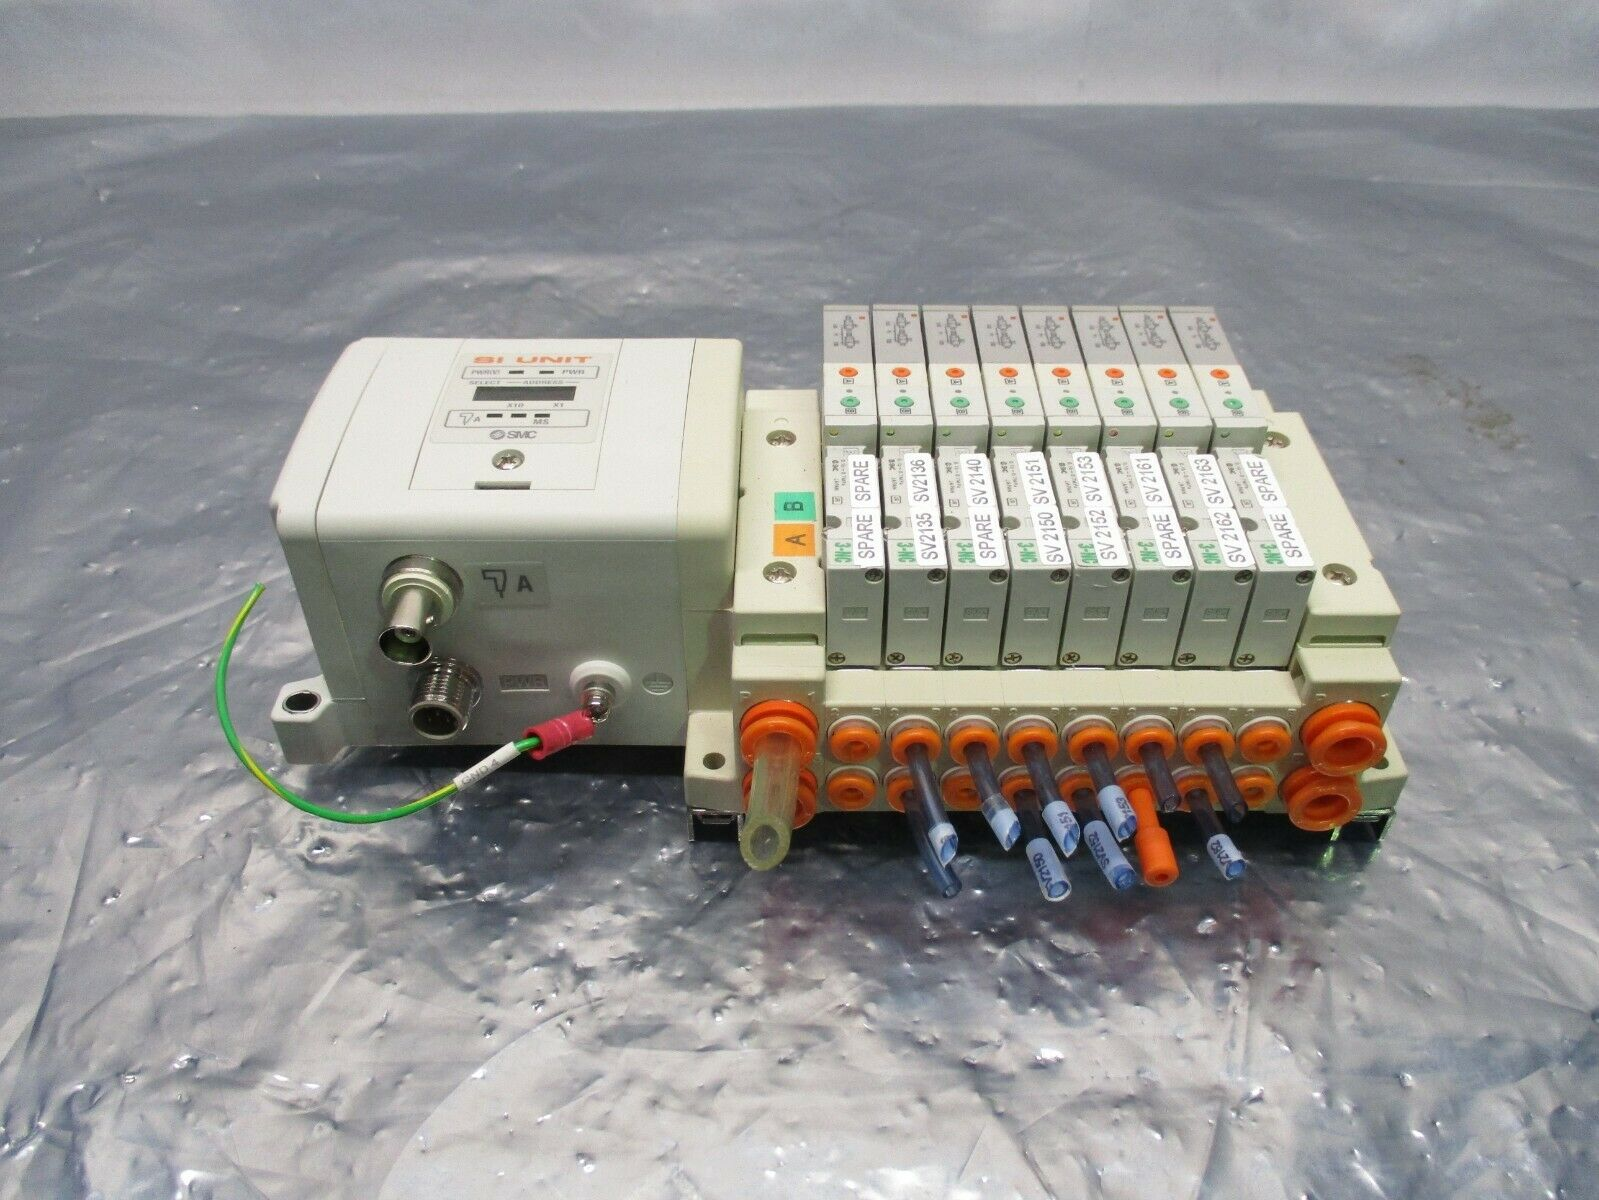 SMC SS5V1-GCJ09 8 Valve Manifold Assy w/ EX250-SCN1 Serial Interface Unit,100873